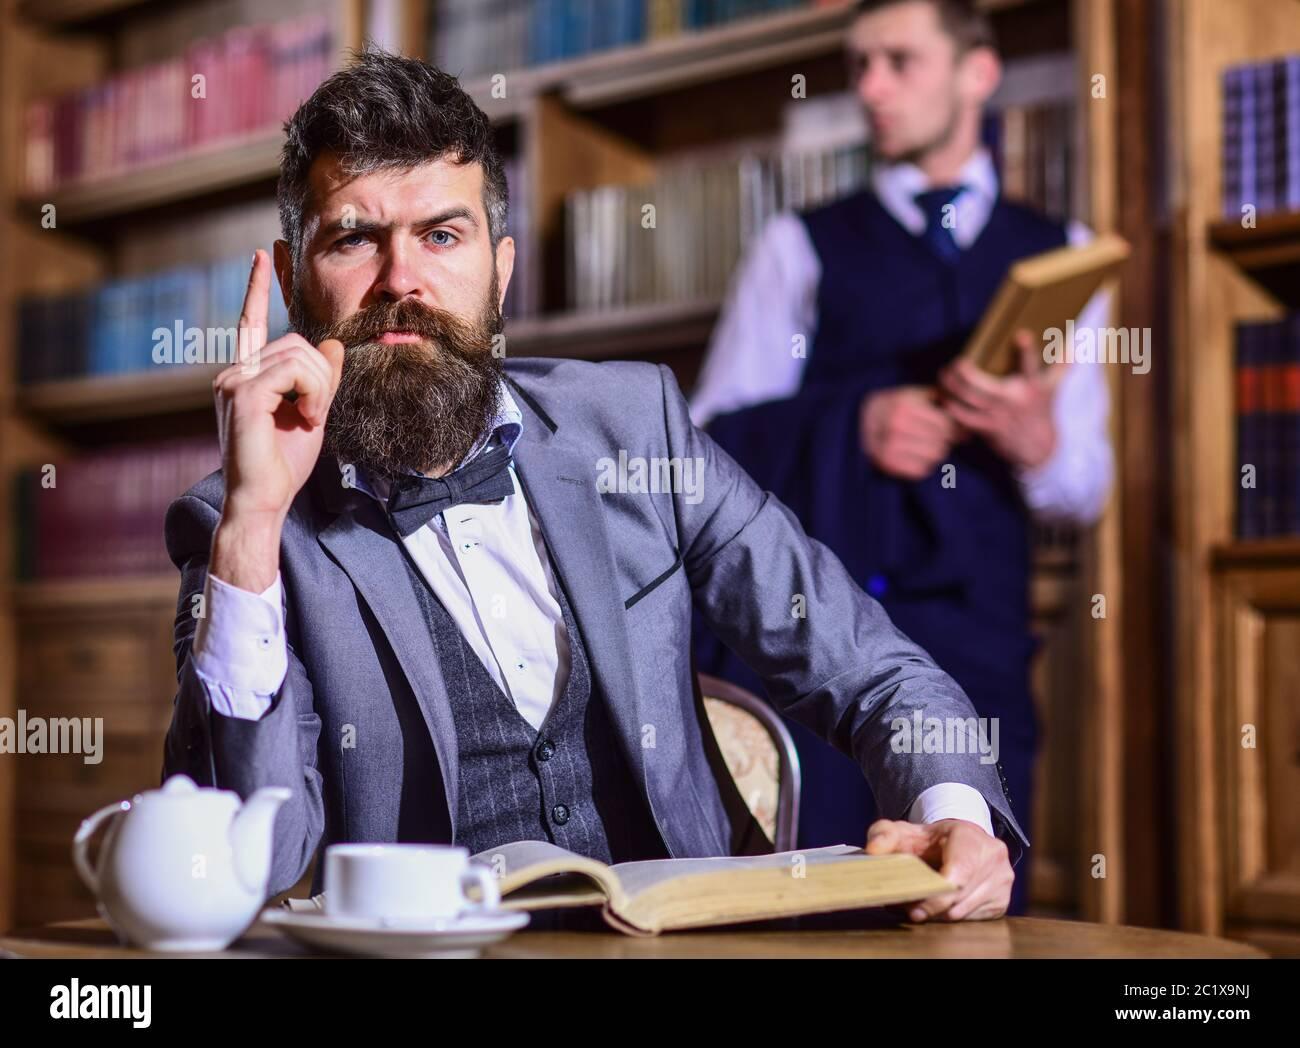 Detectives retro trabajan en investigación en sala antigua. Hombres en traje, detectives pasar el ocio en la biblioteca. Concepto de investigador y detective privado. Hombre con barba y cara estricta descubrió acertijo. Foto de stock